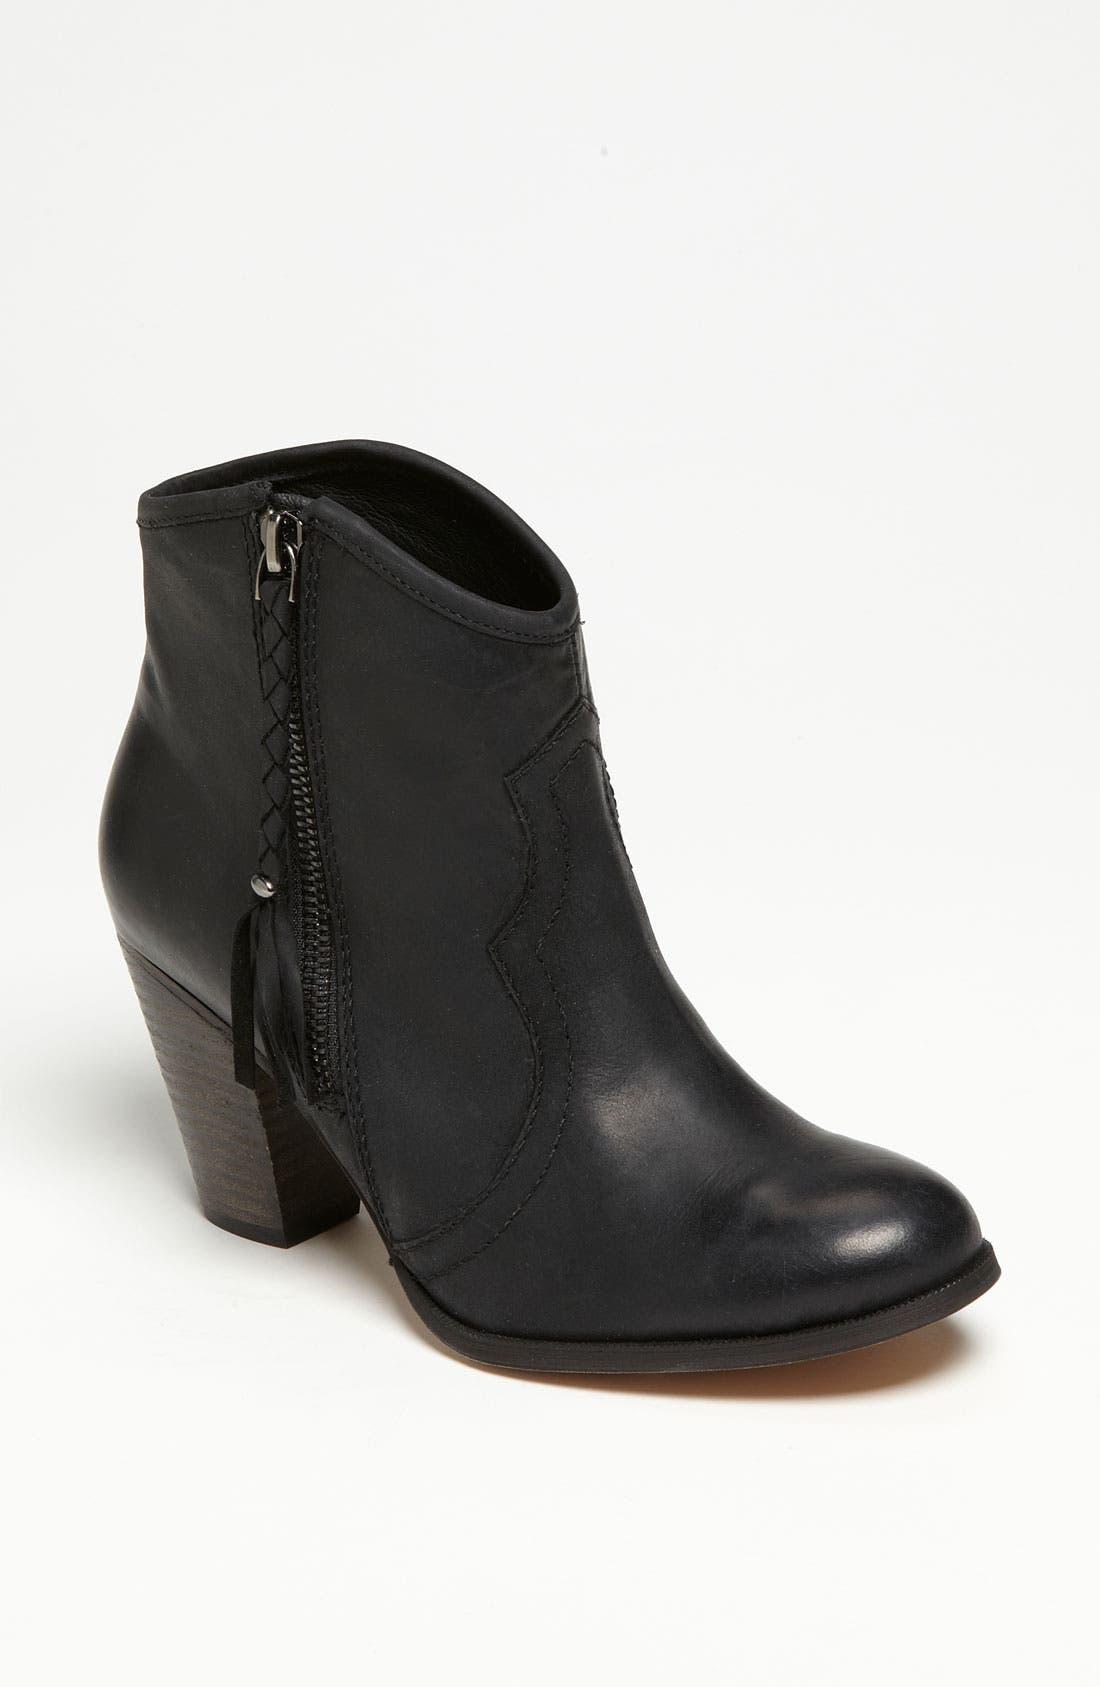 ALDO 'Fastrost' Boot, Main, color, 001